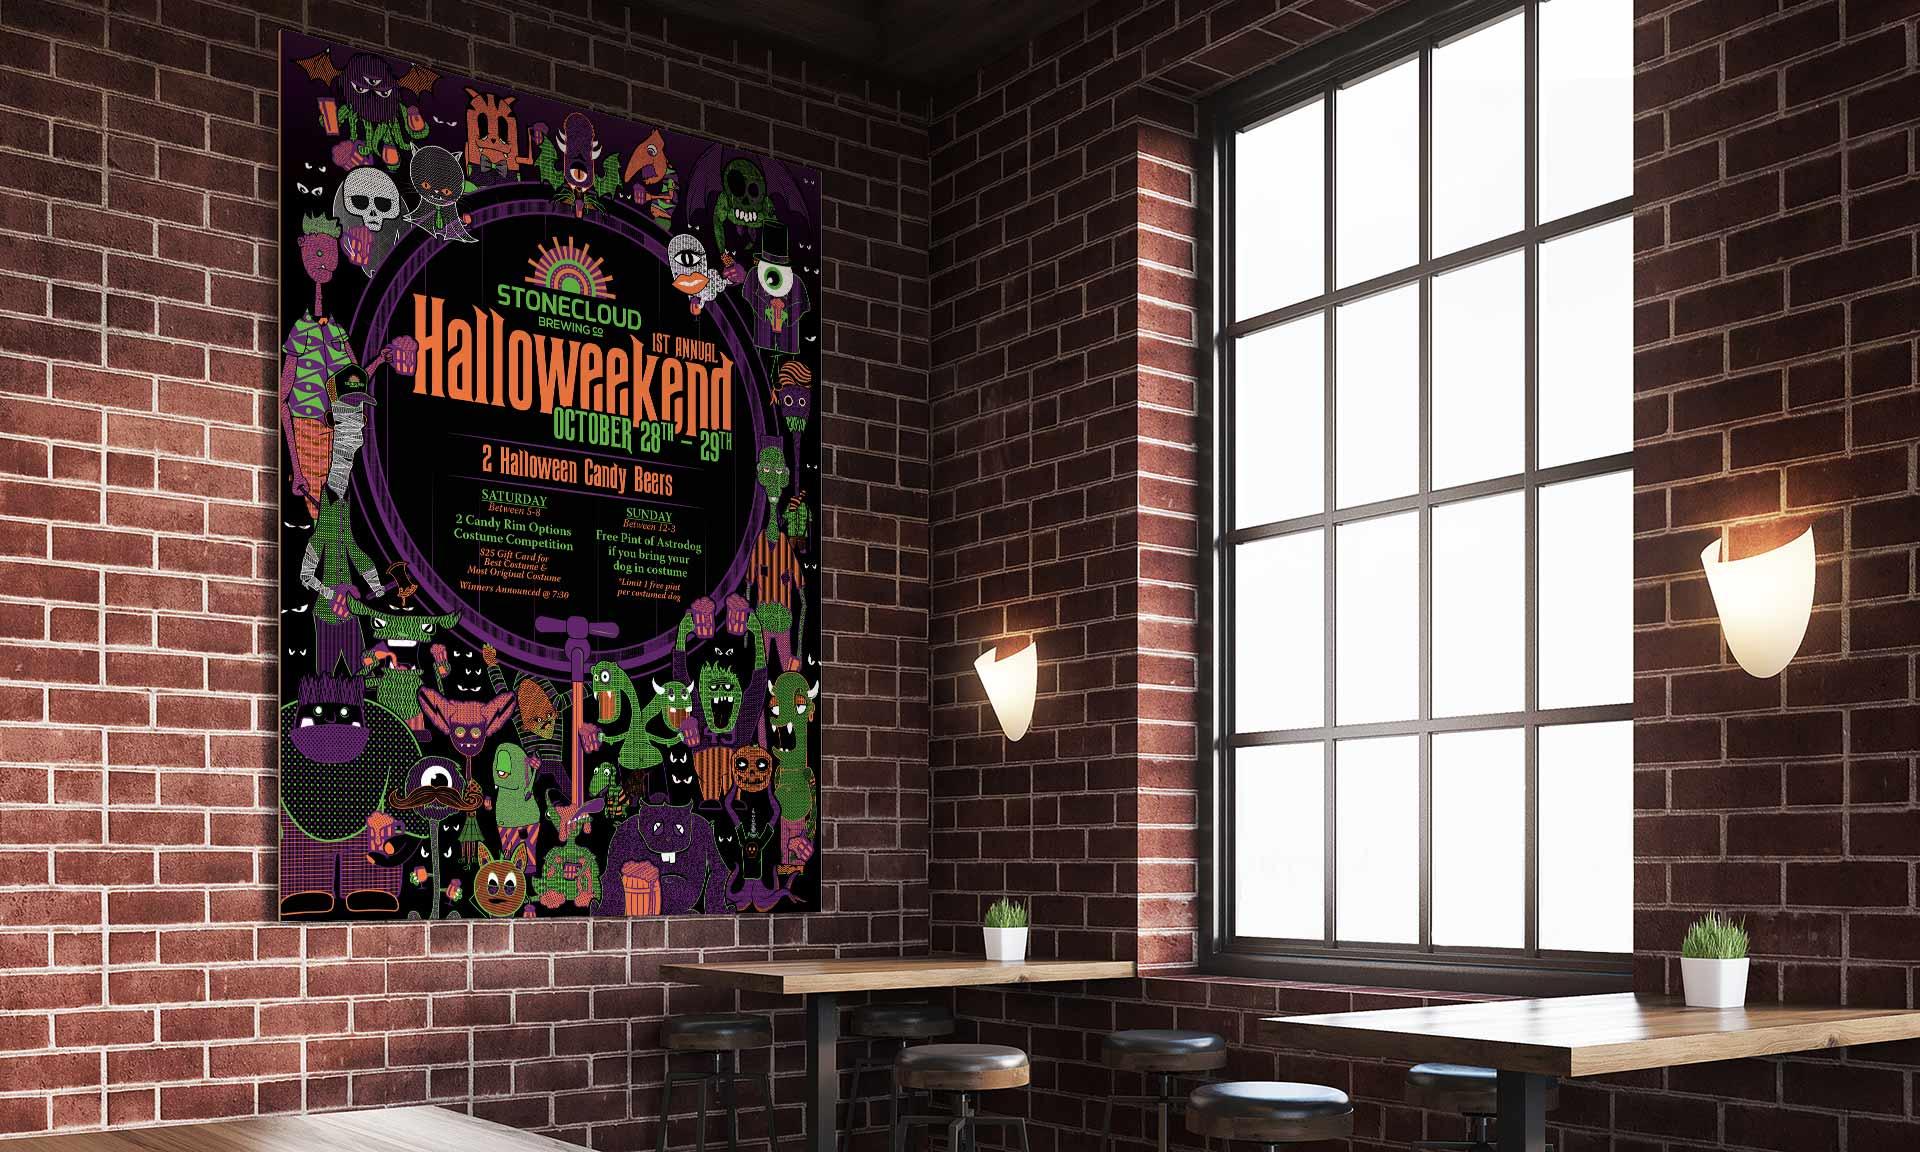 Stonecloud Halloween Poster2